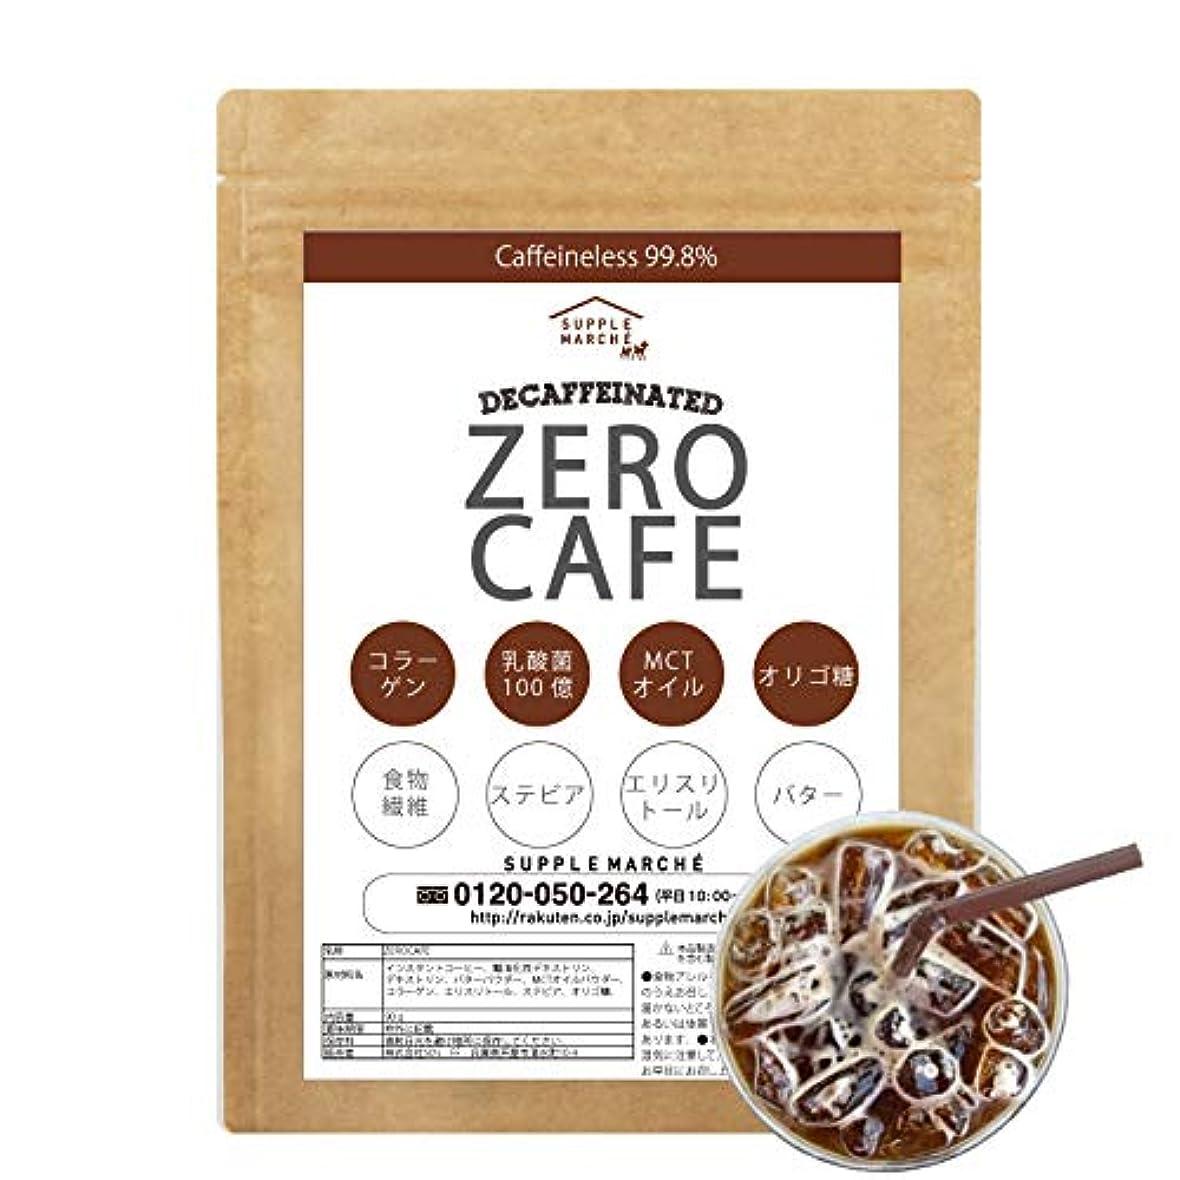 信じられない品種肥料ダイエットコーヒー デカフェ バターコーヒー 90g (約30杯) アイスコーヒー カフェインレス MCTオイル 乳酸菌 コラーゲン オリゴ糖 ダイエット シリコンバレー式